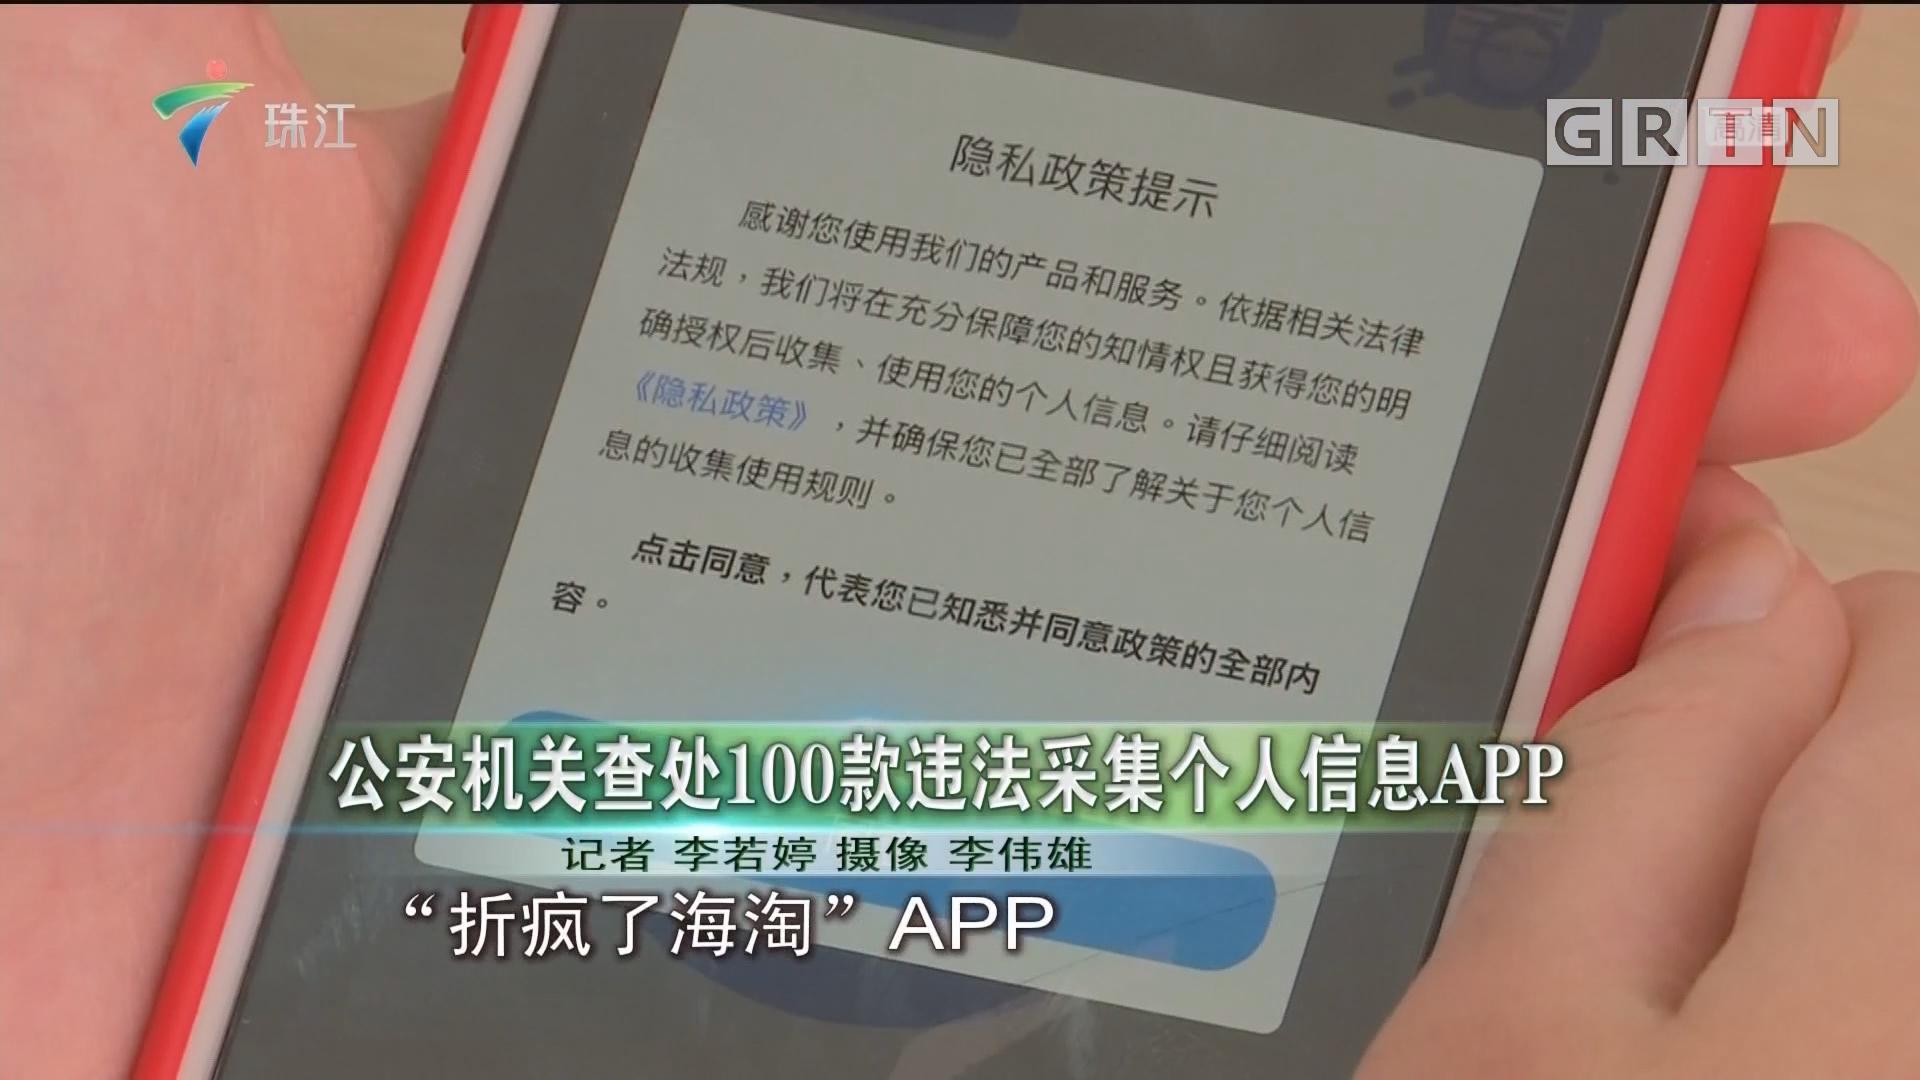 公安机关查处100款违法采集个人信息APP